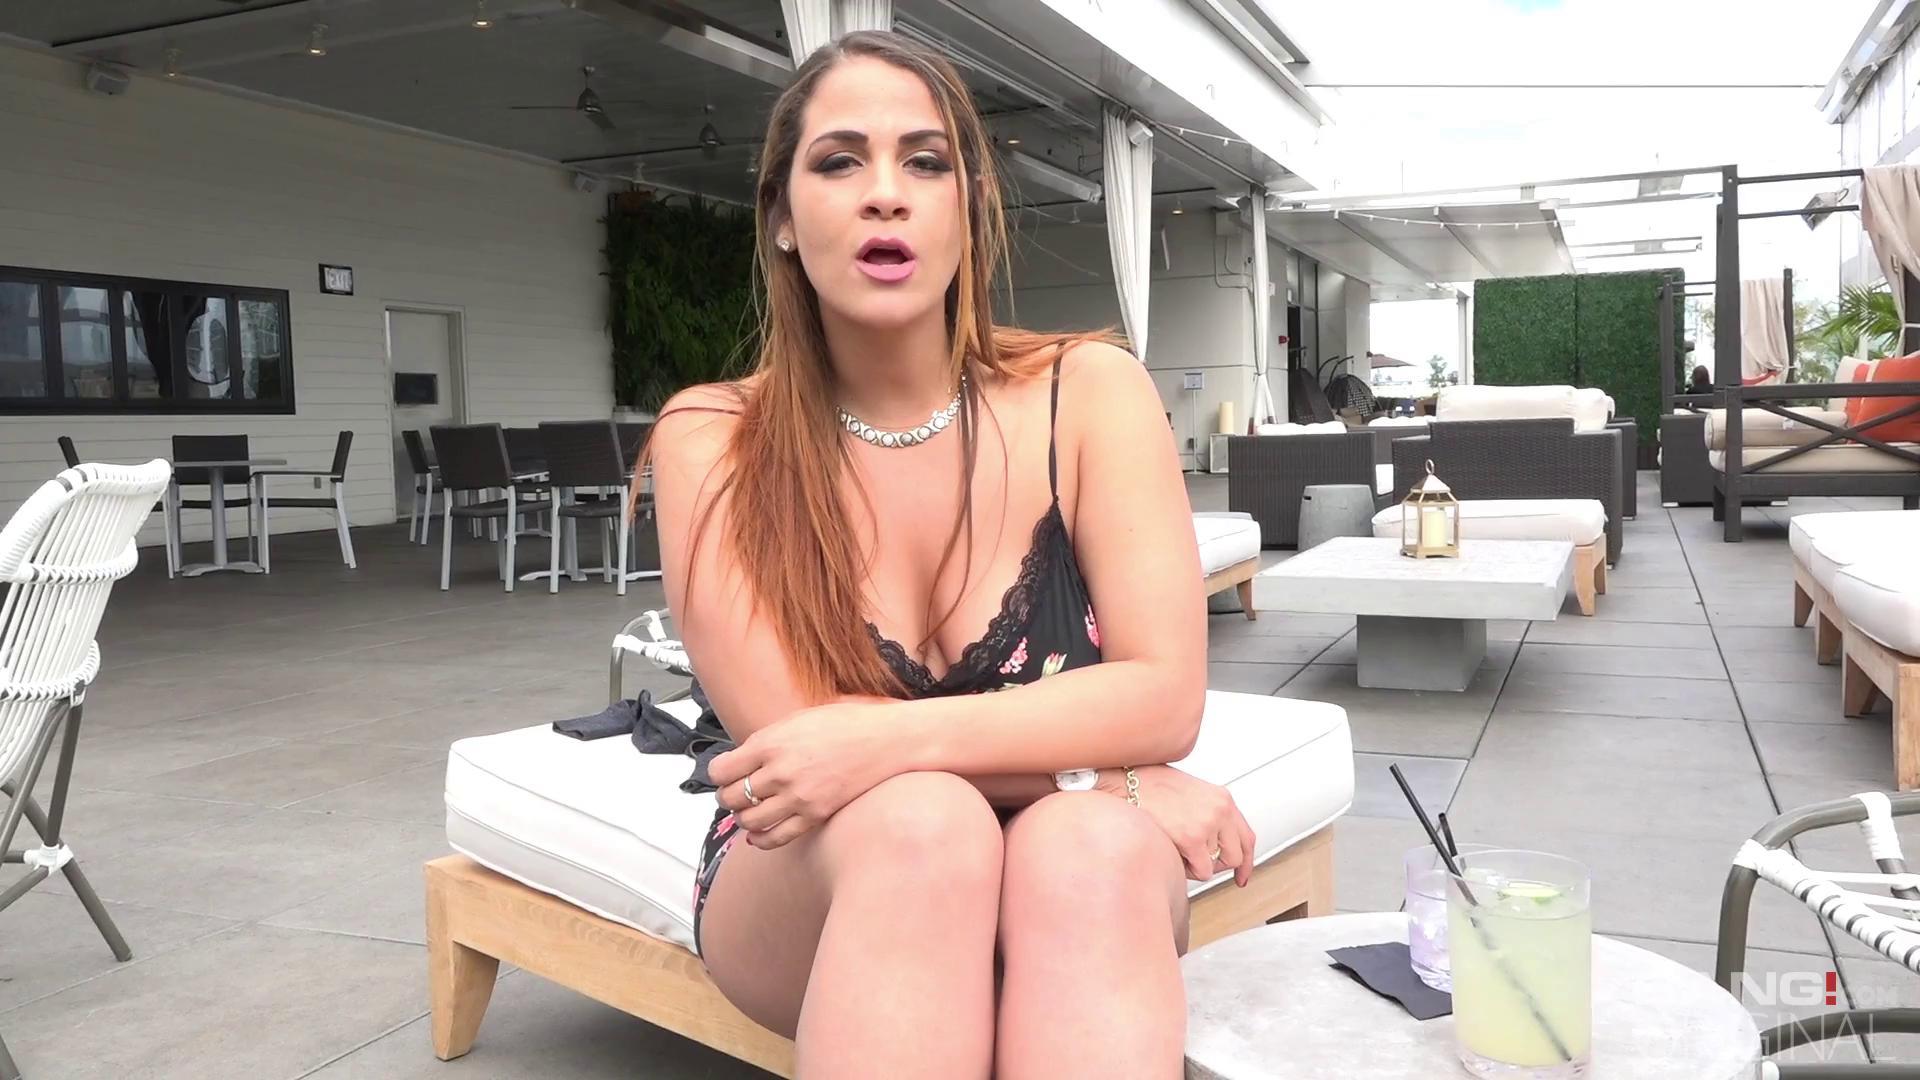 Bang RealMILFs – Miss Raquel